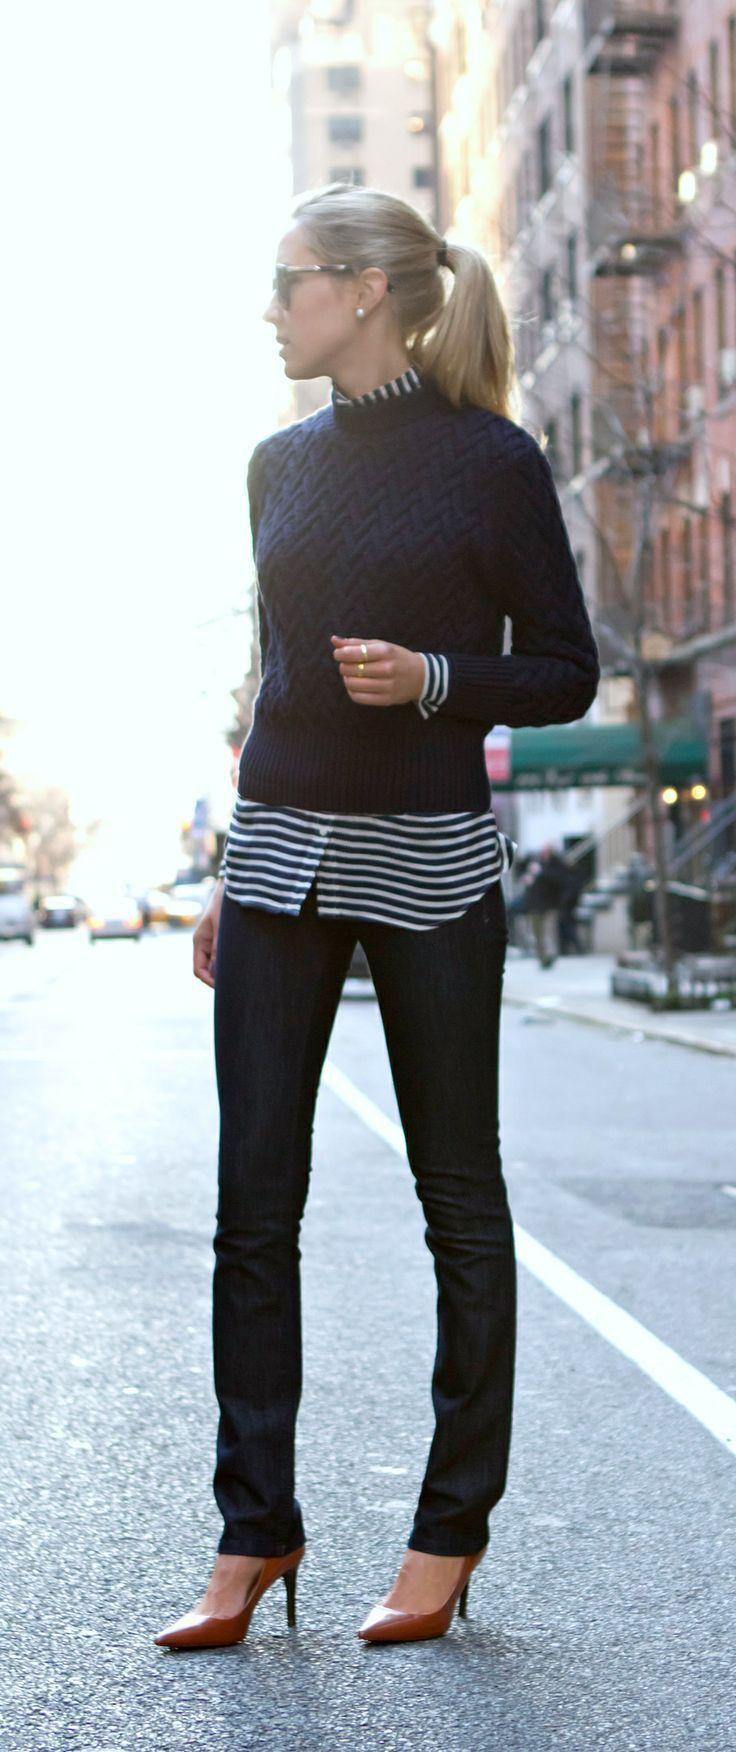 Raikasta vaikka hyvin klassista, vahvasti raidallinen kauluspaita on hyvä tehokeino. Erilaisia hiustyylejä kannattaa aina aika ajoin kokeilla